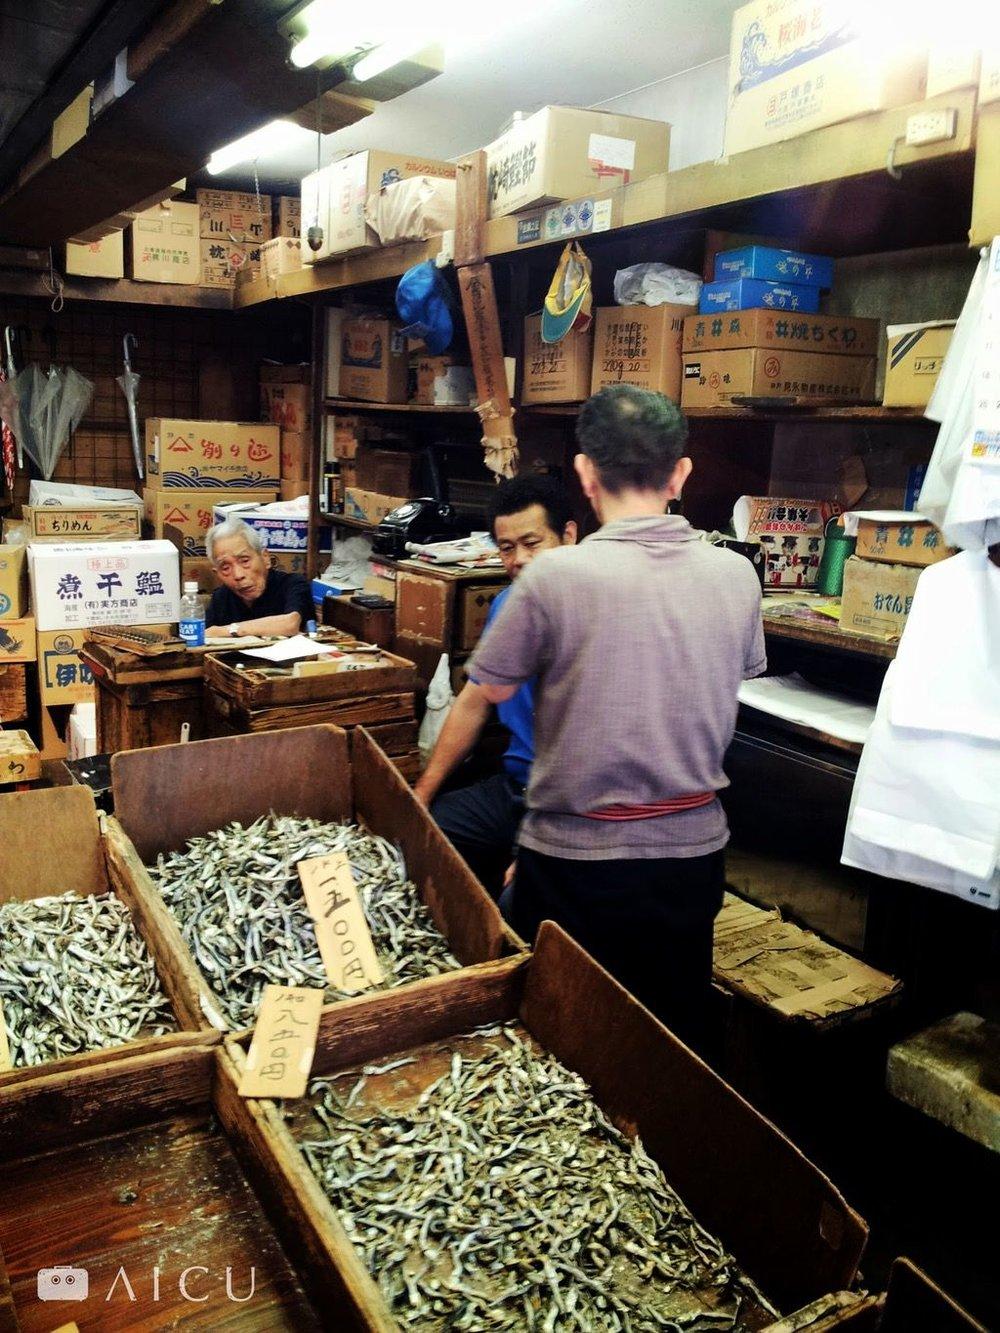 像這樣實在的老店,在場外市場越來越少見。